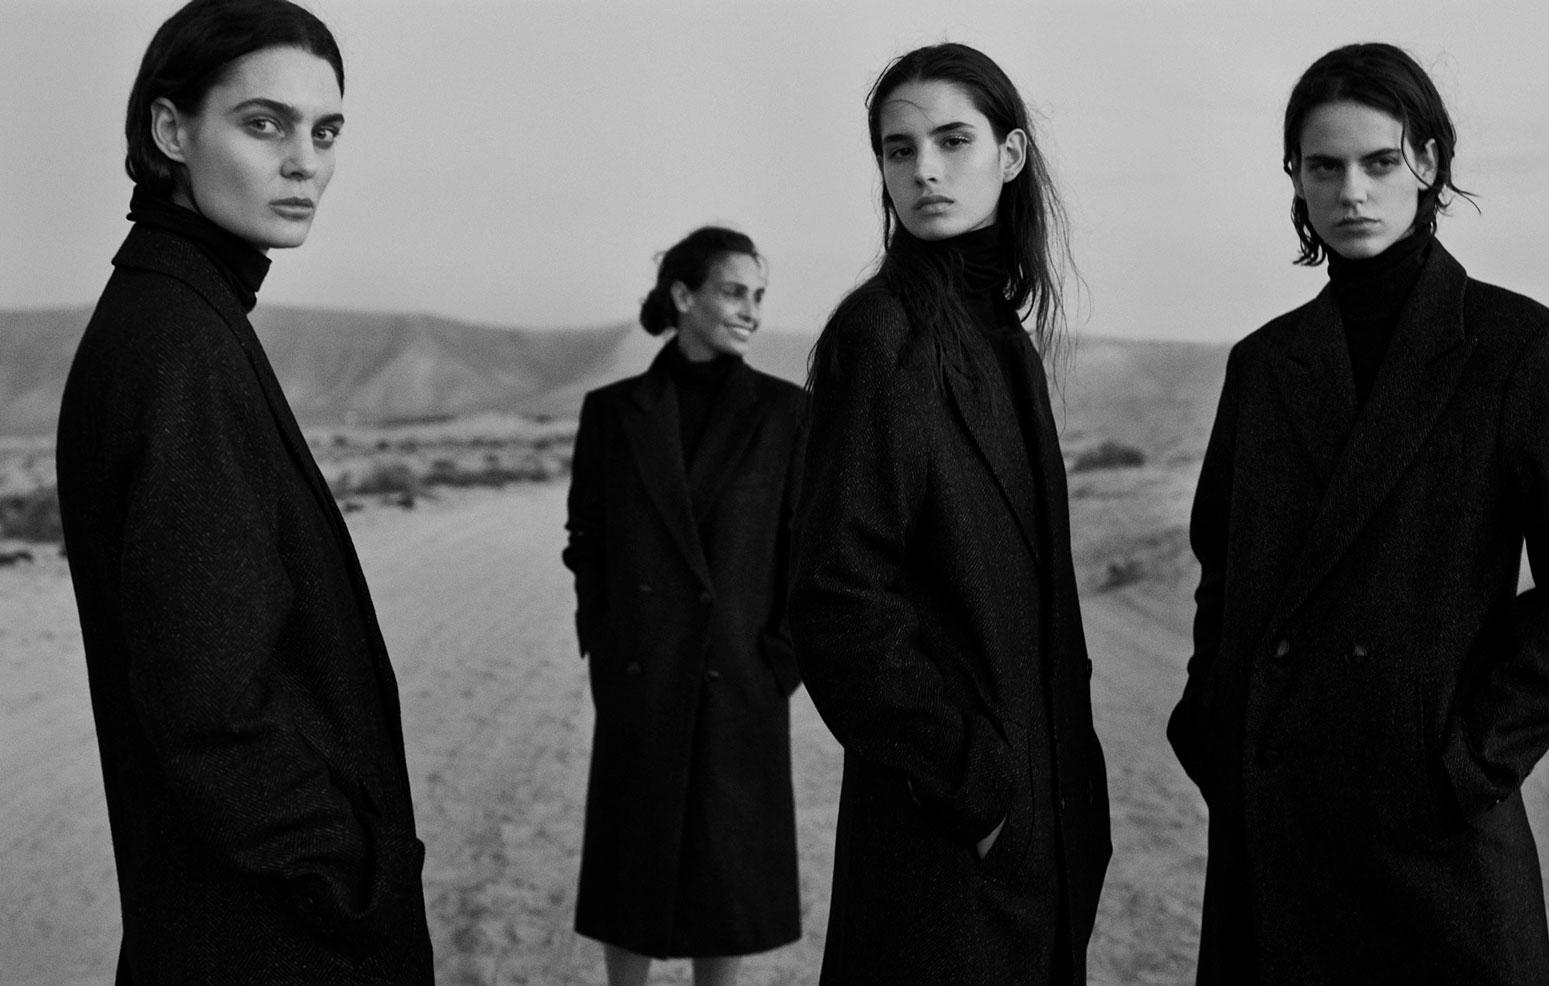 Vogue_EspañaVacia_F10_271_C